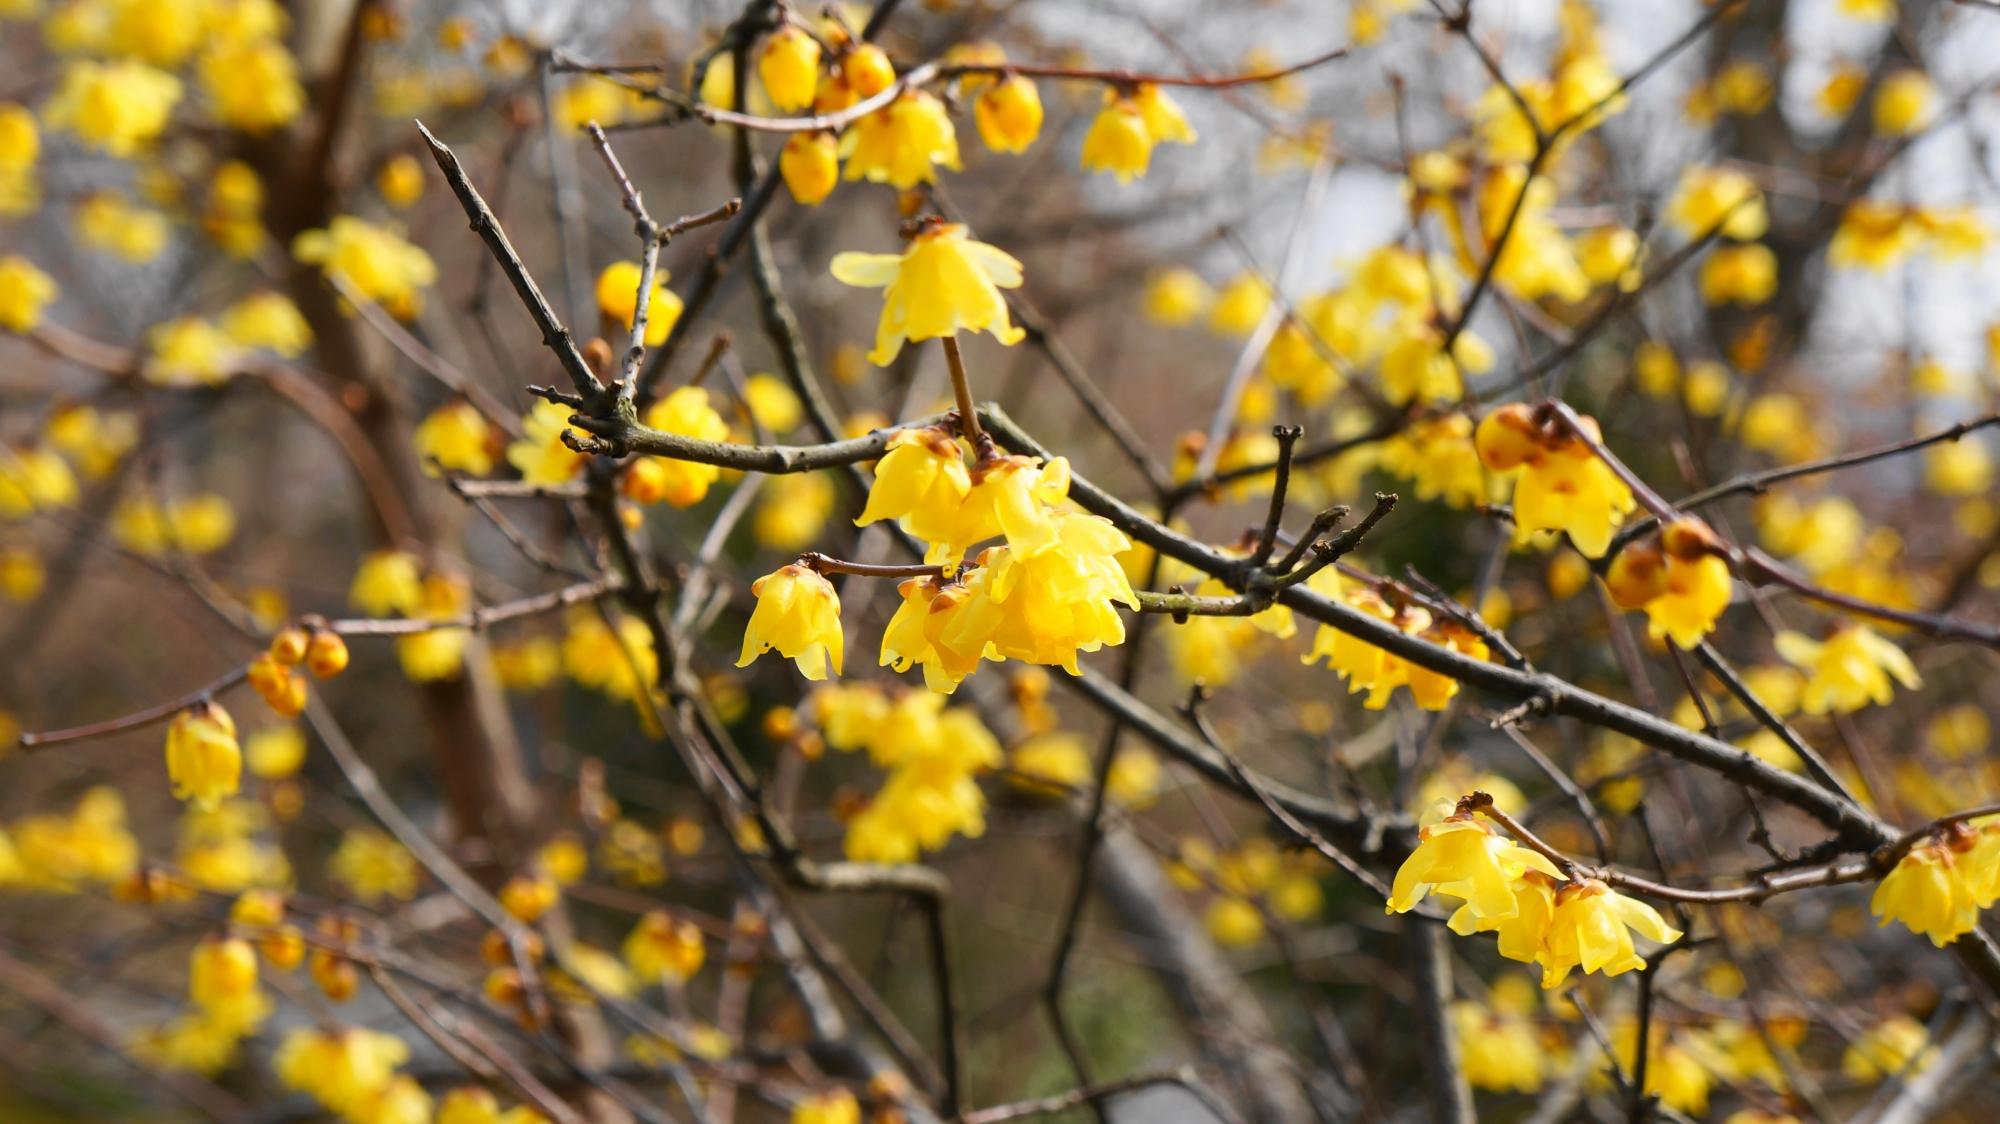 ロウバイの見事な黄色い花で溢れる天龍寺